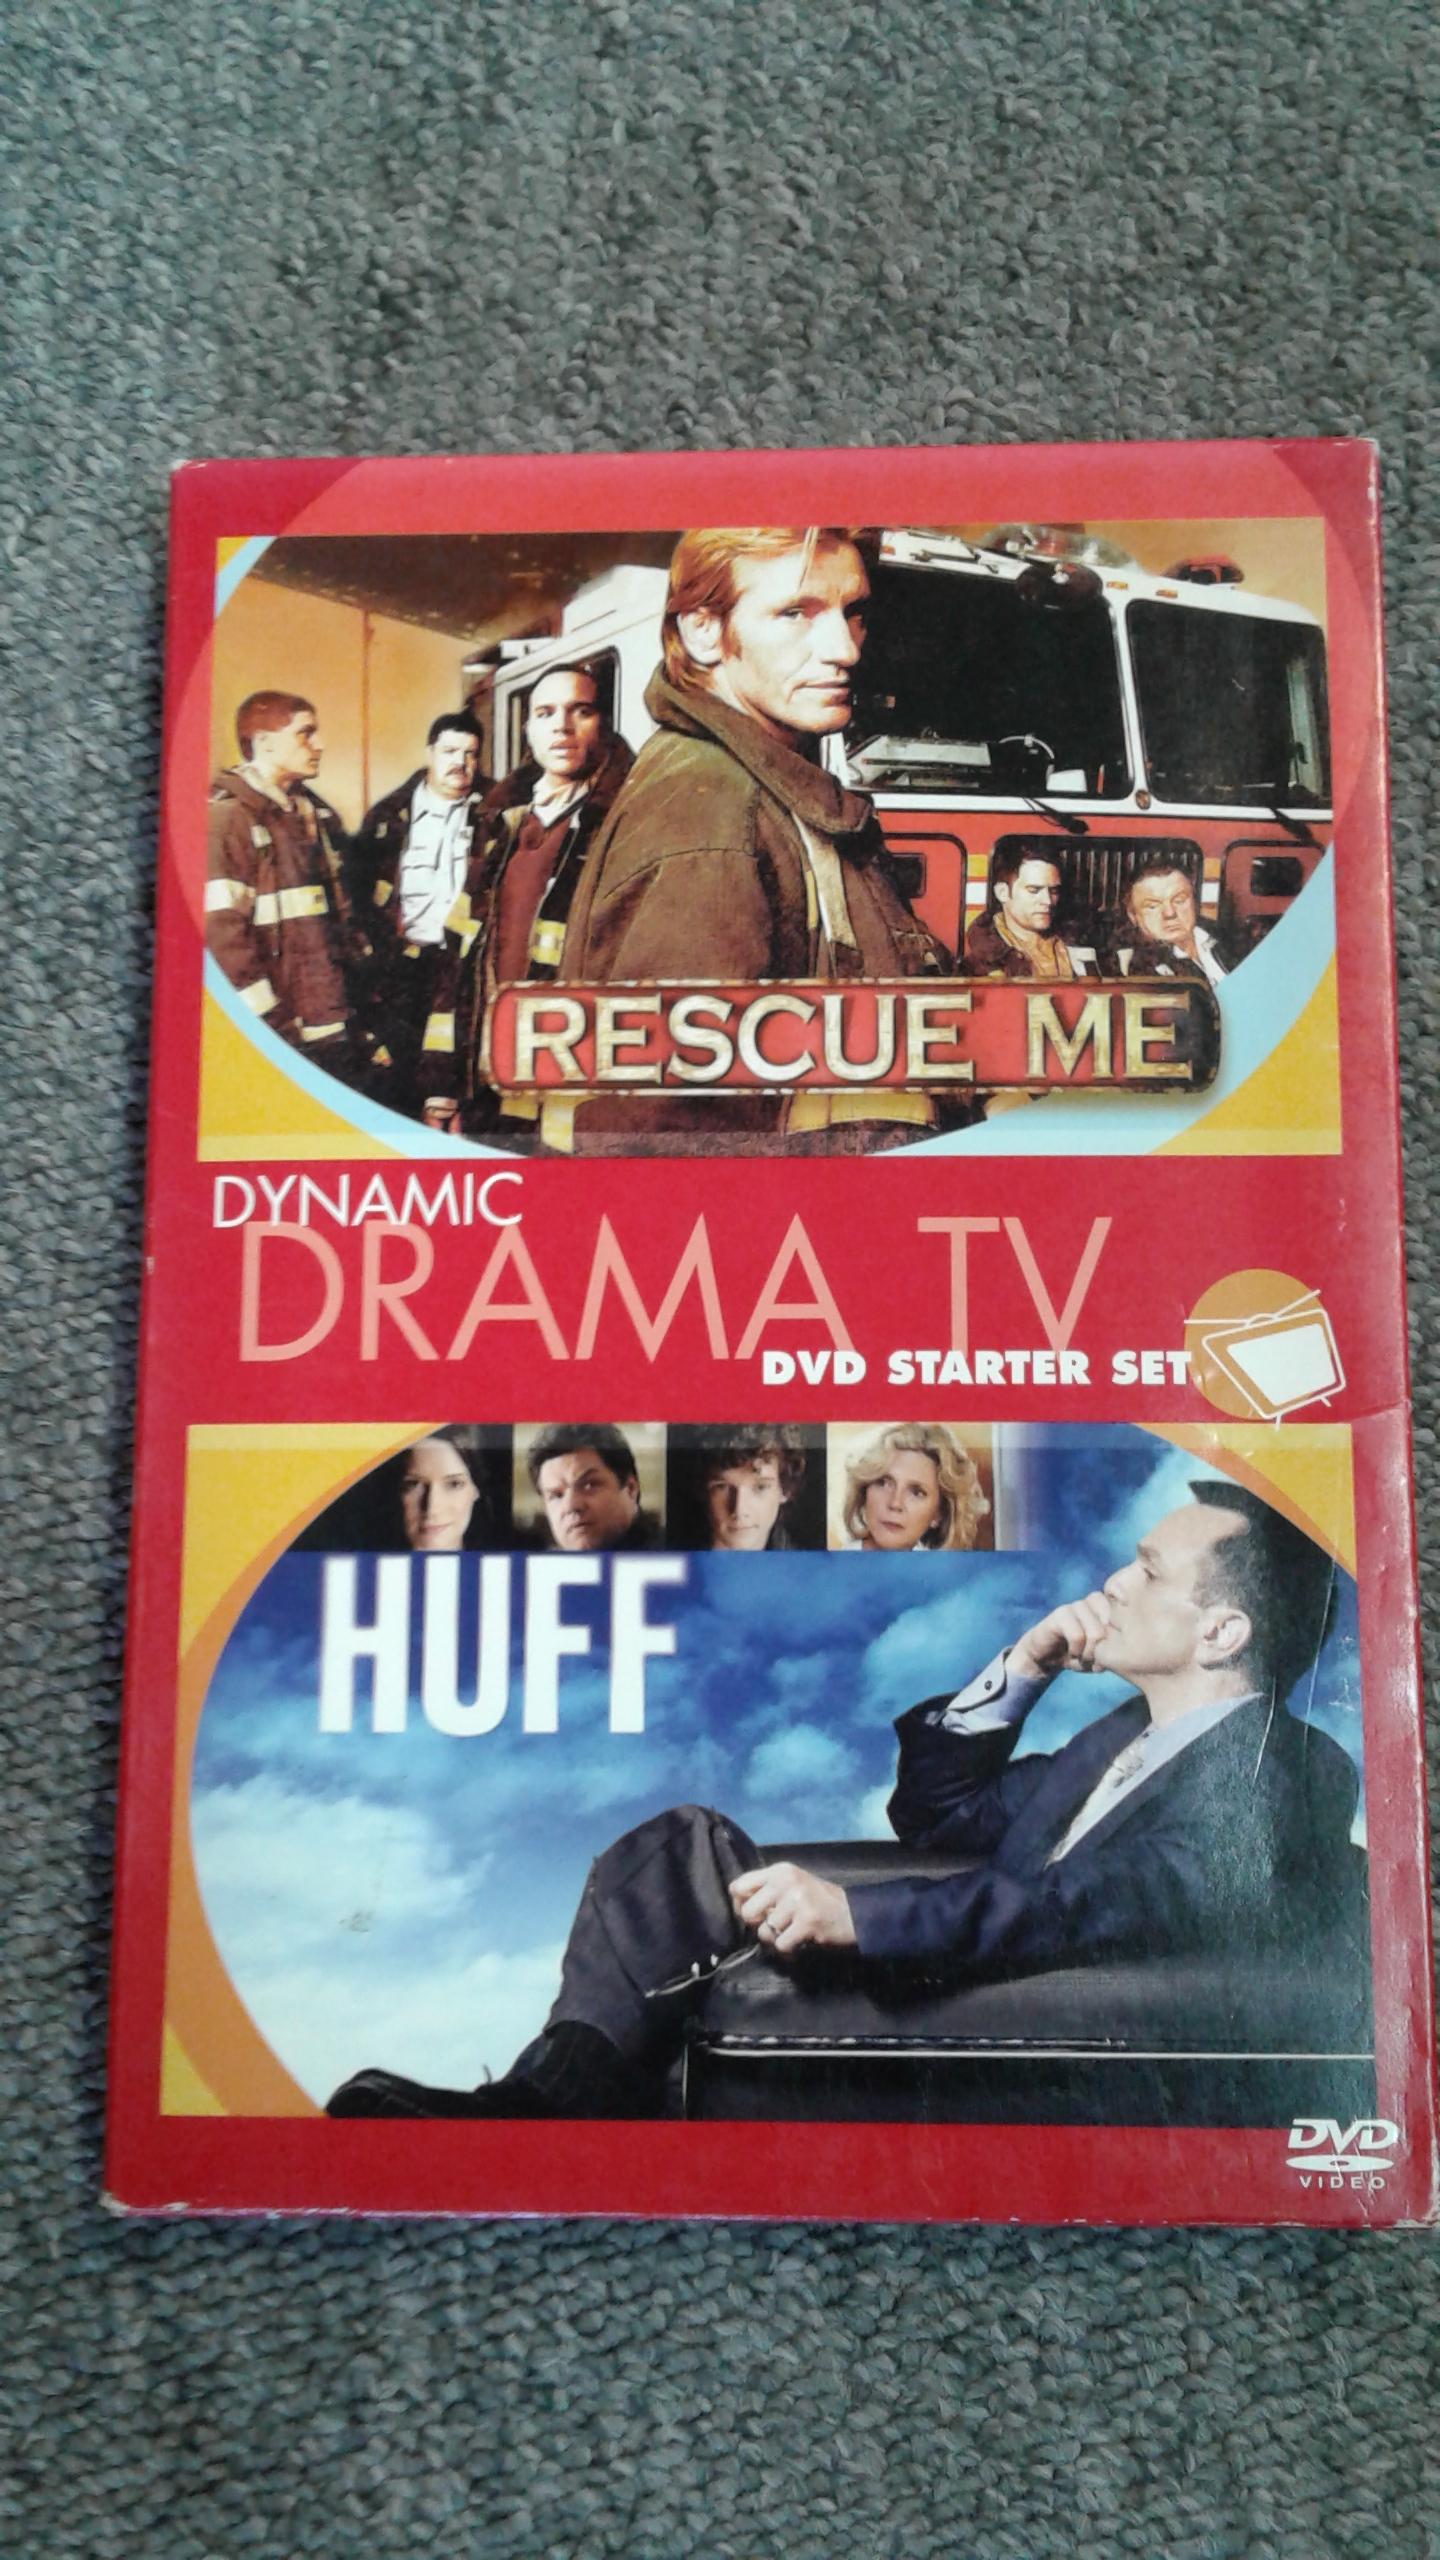 RESCUE ME DYNAMIC DRAMA TV DVD SET